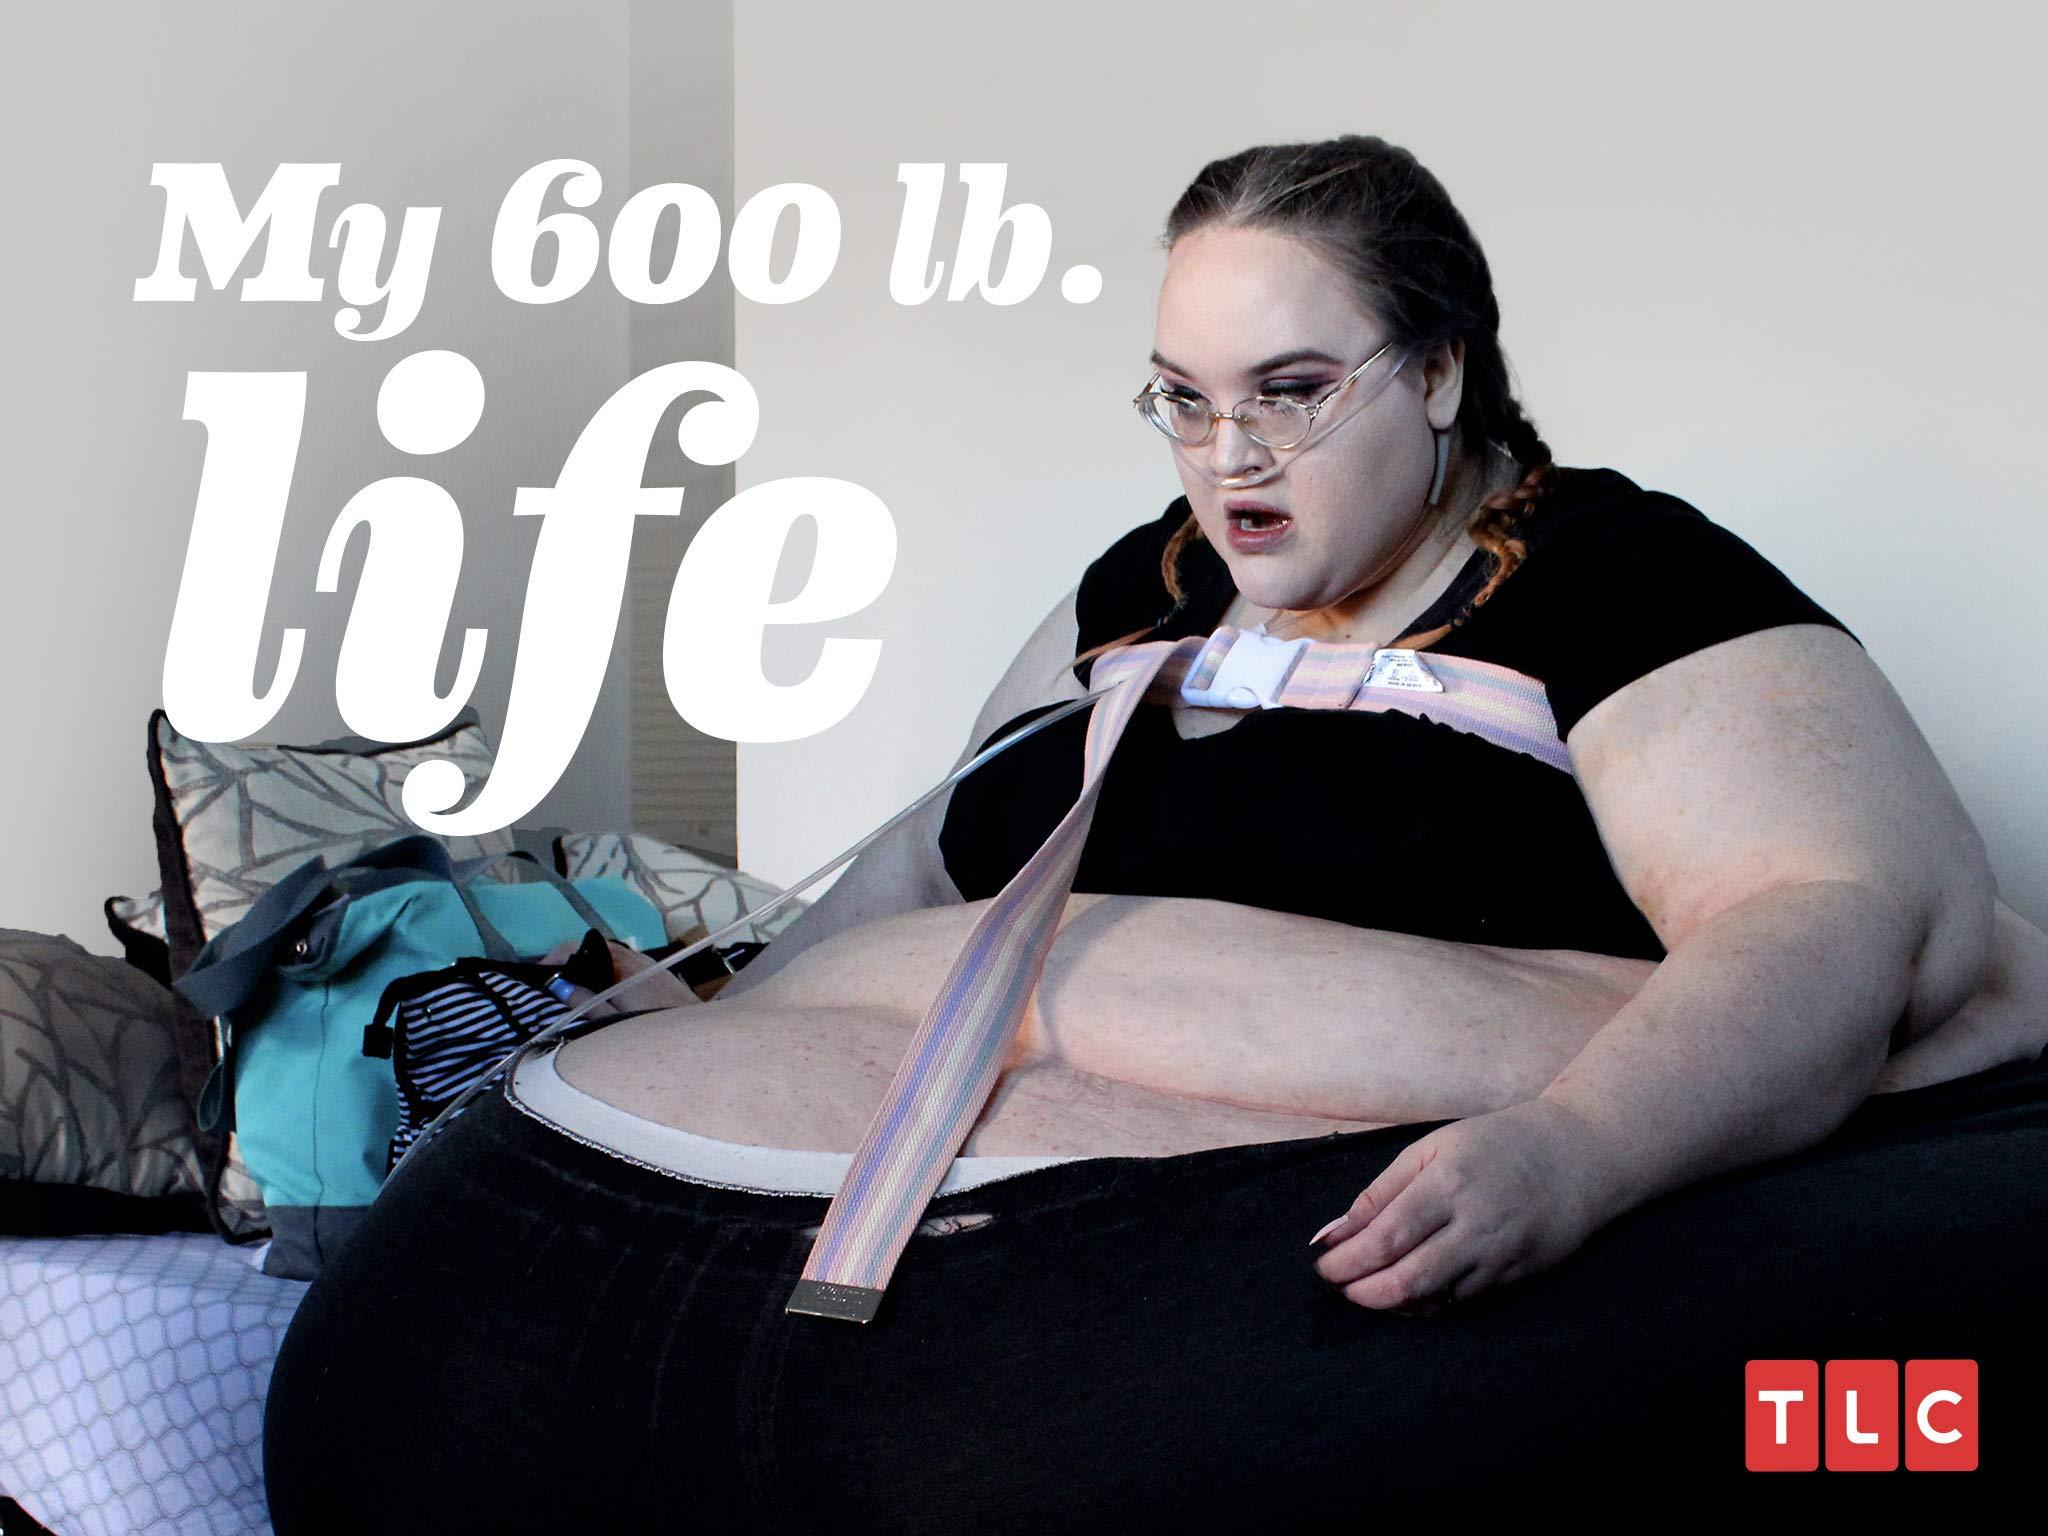 """Tiffany Barker, az """"Én 600 lb életem"""" csillag követi a 2019-es legdivatosabb diétát"""